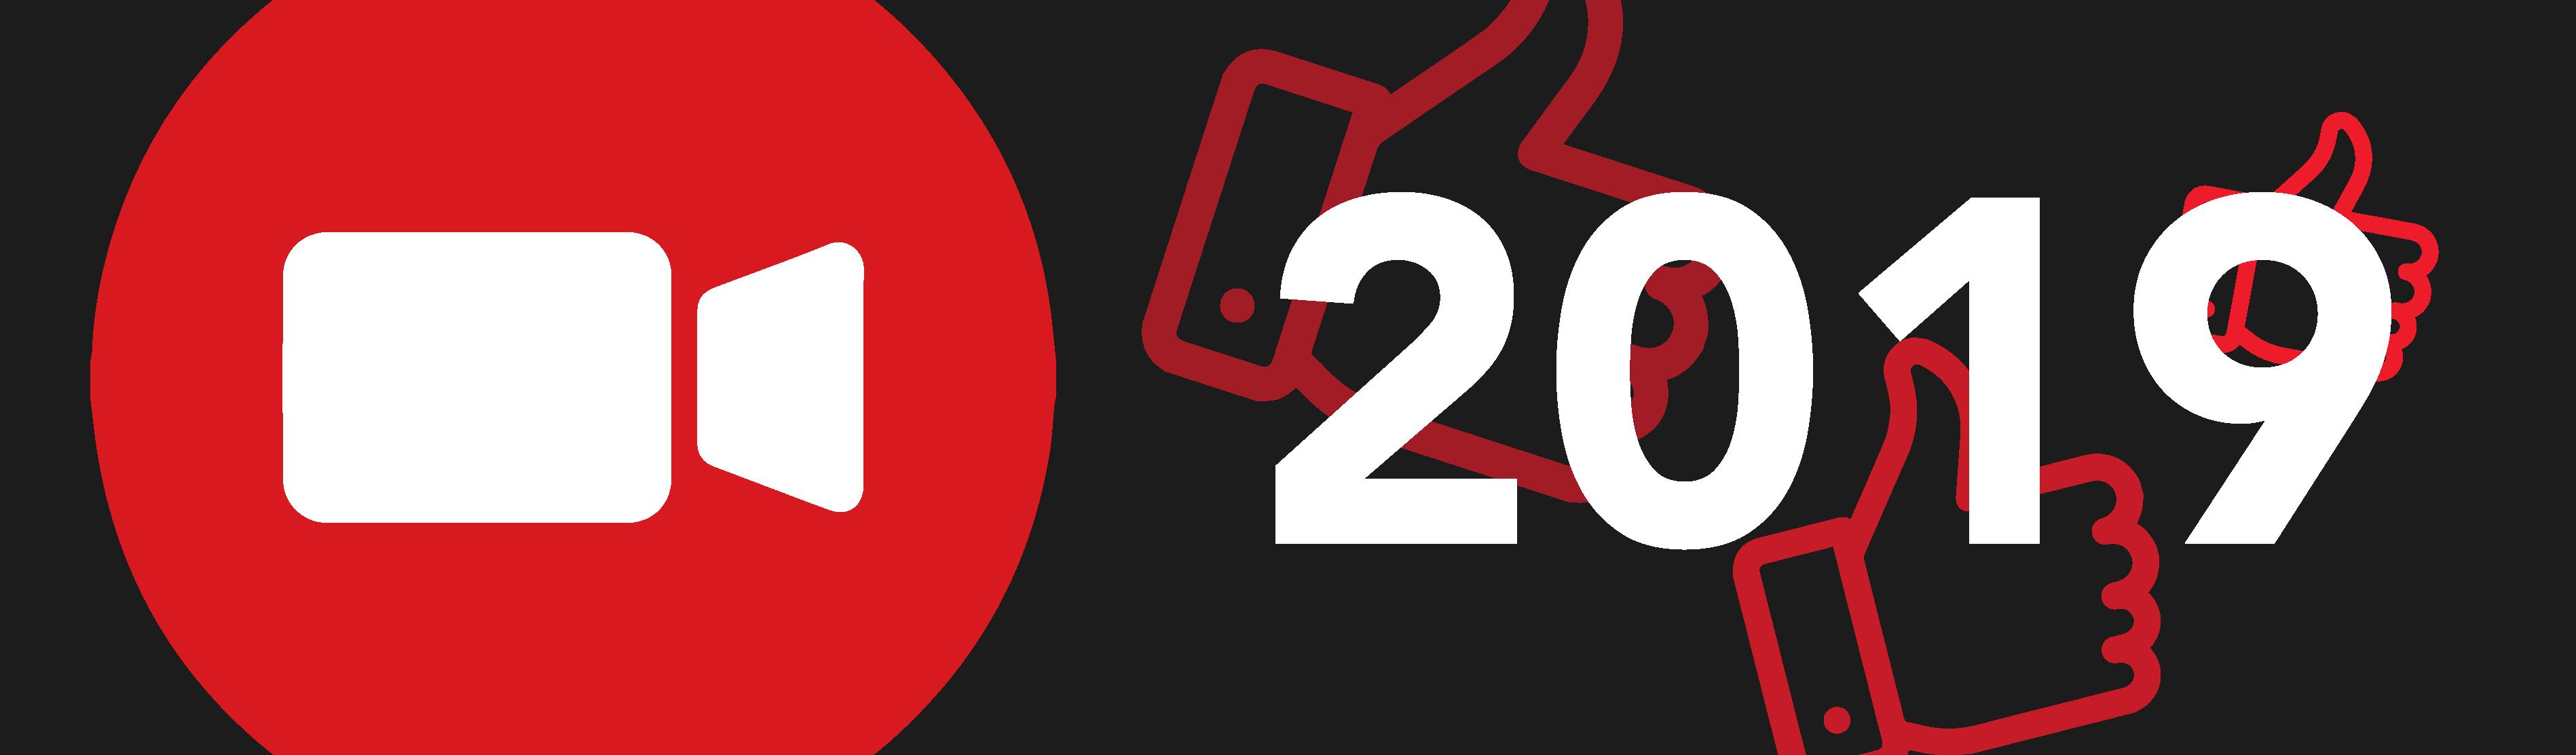 2019 Video Content Trend Blog Post Red Rock Branding